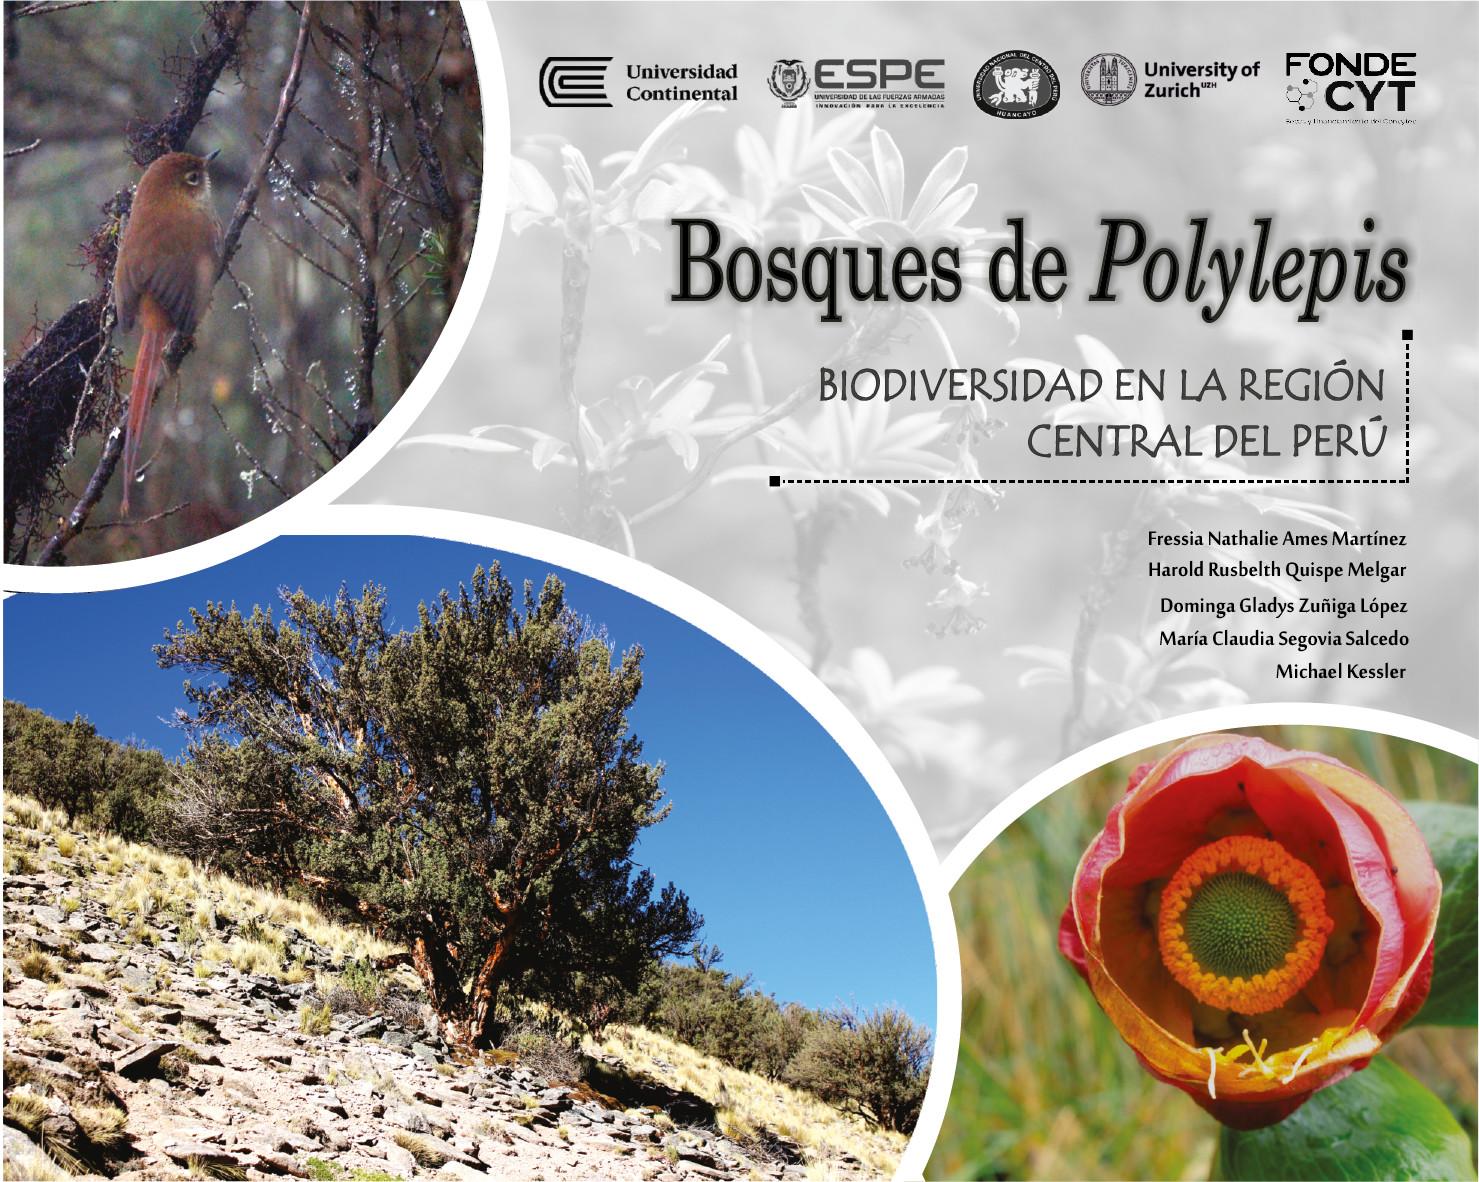 Bosques de Polylepis